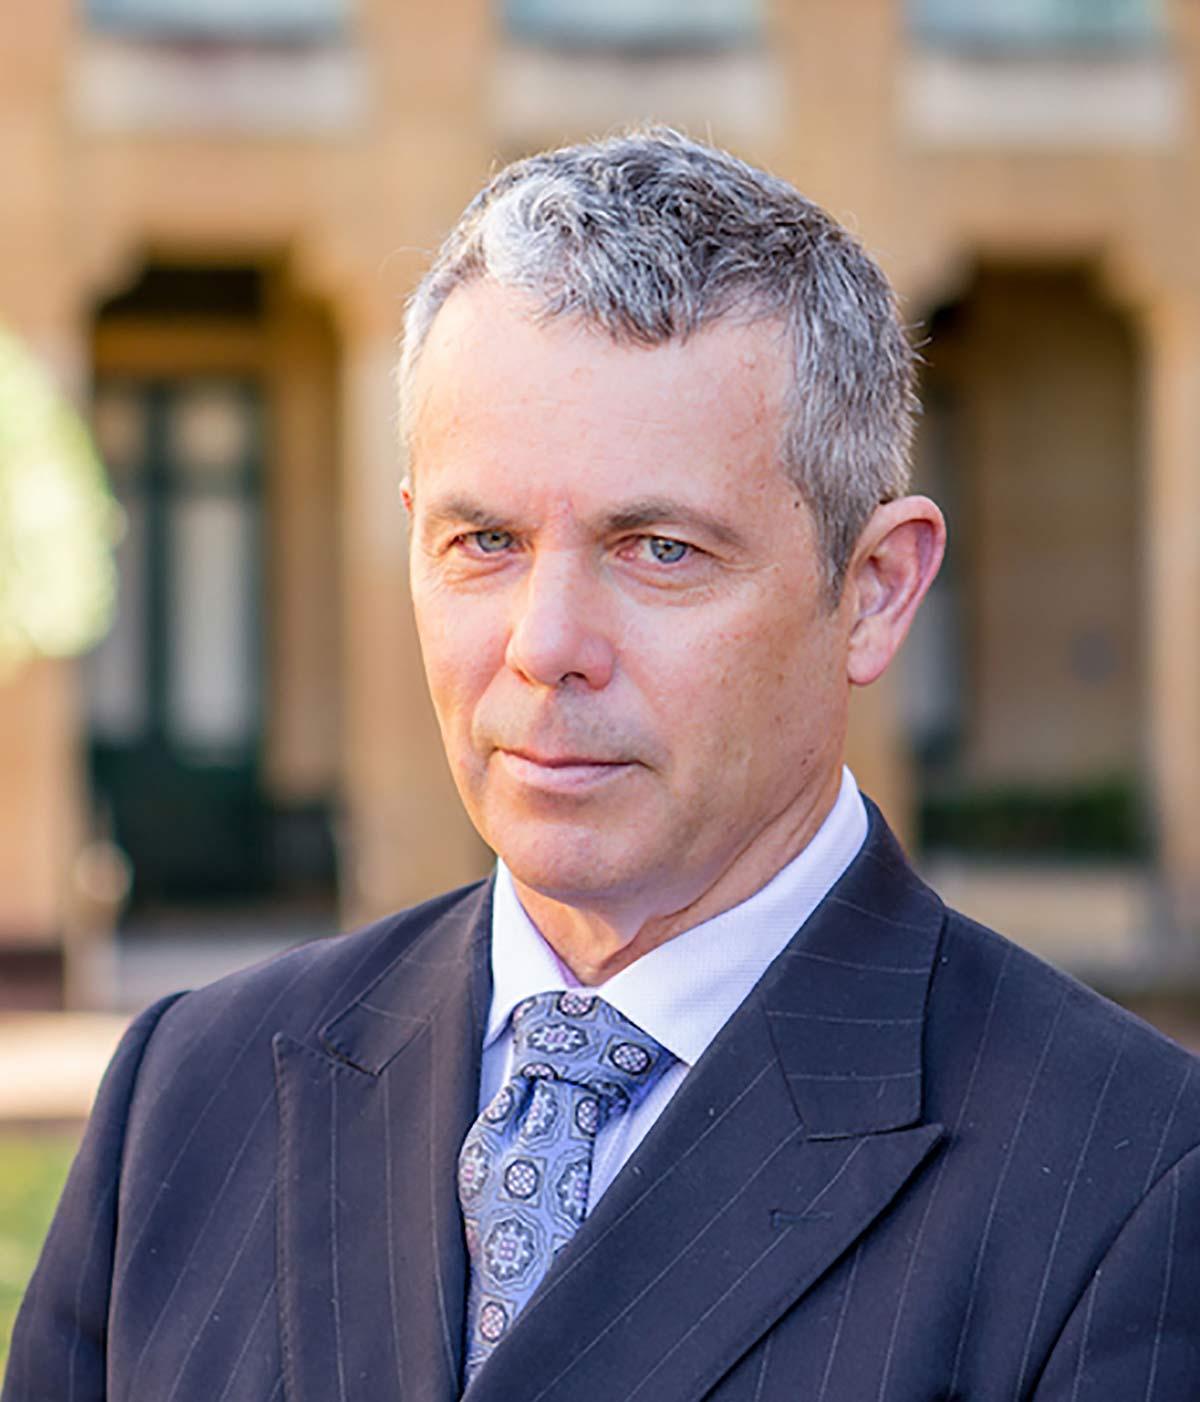 Mark Warton